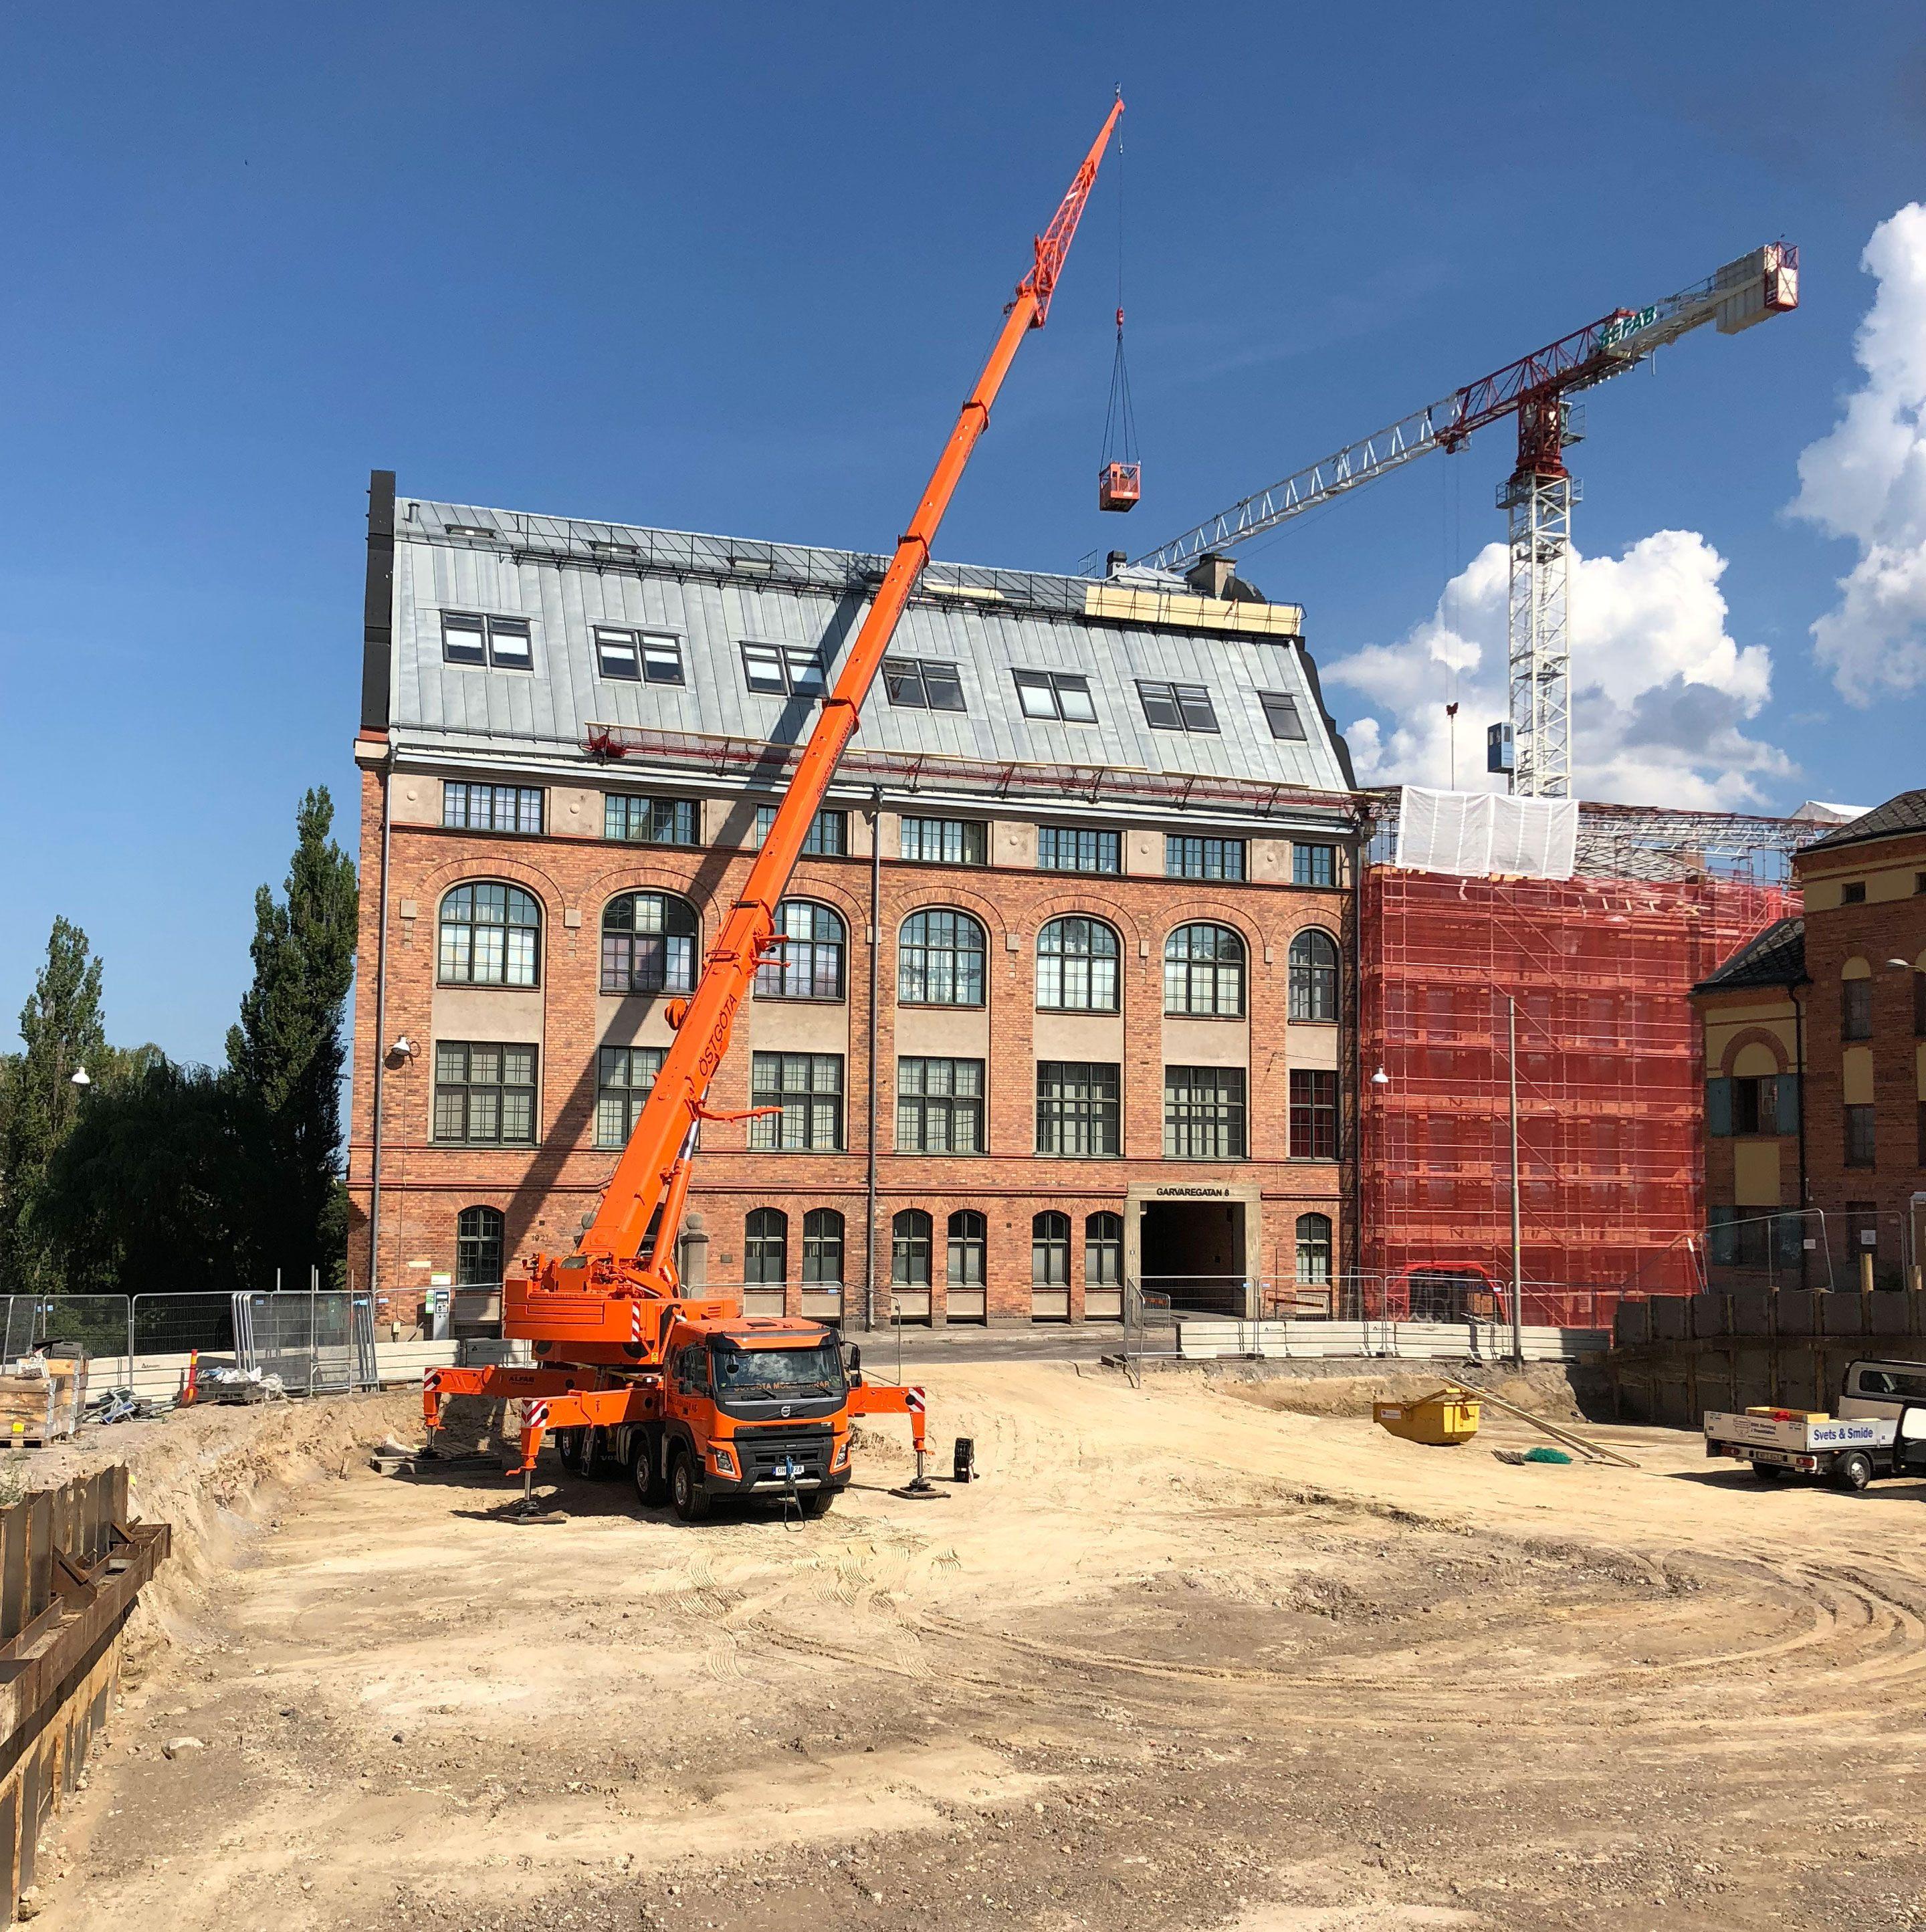 referensbild på kran och byggarbetsplats från projekt med KG Hjelmgrens